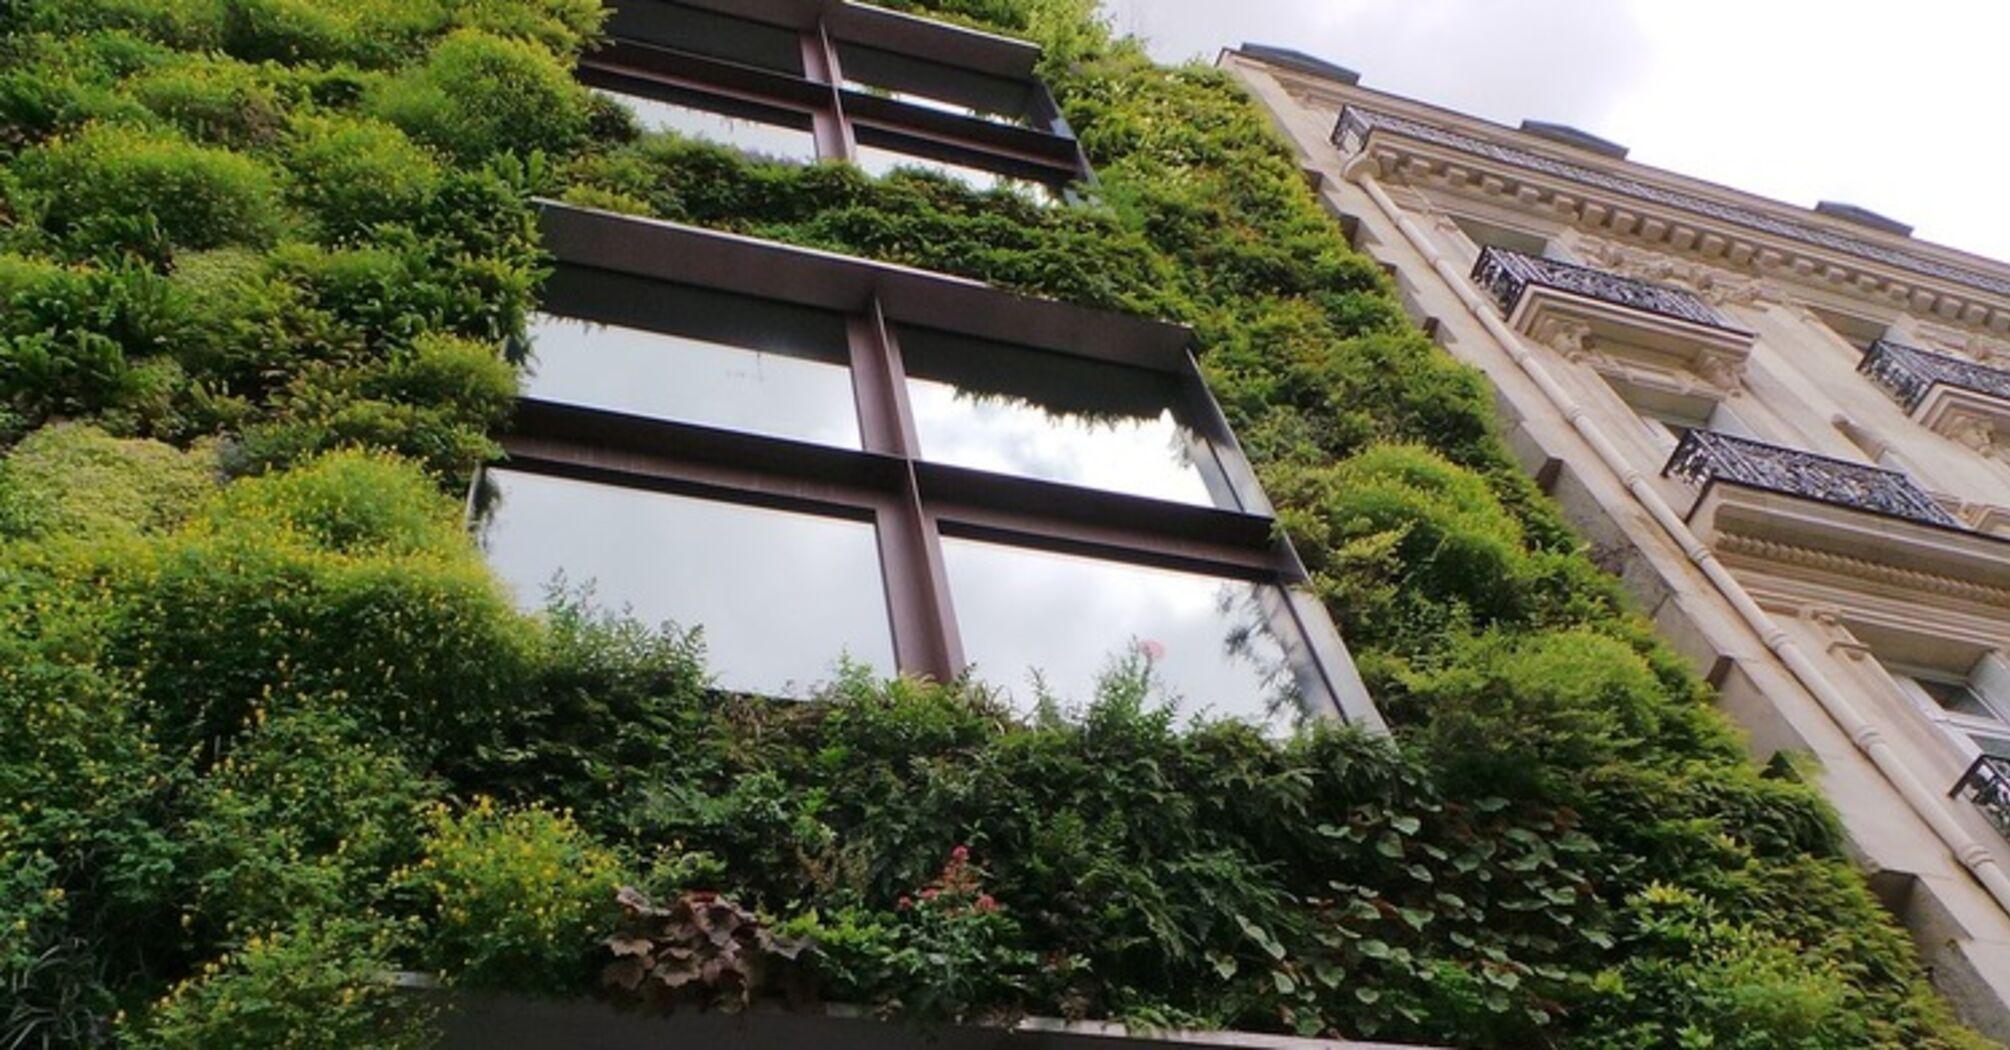 Глобальне будівництво: яких архітектурних трендів чекати у майбутньому